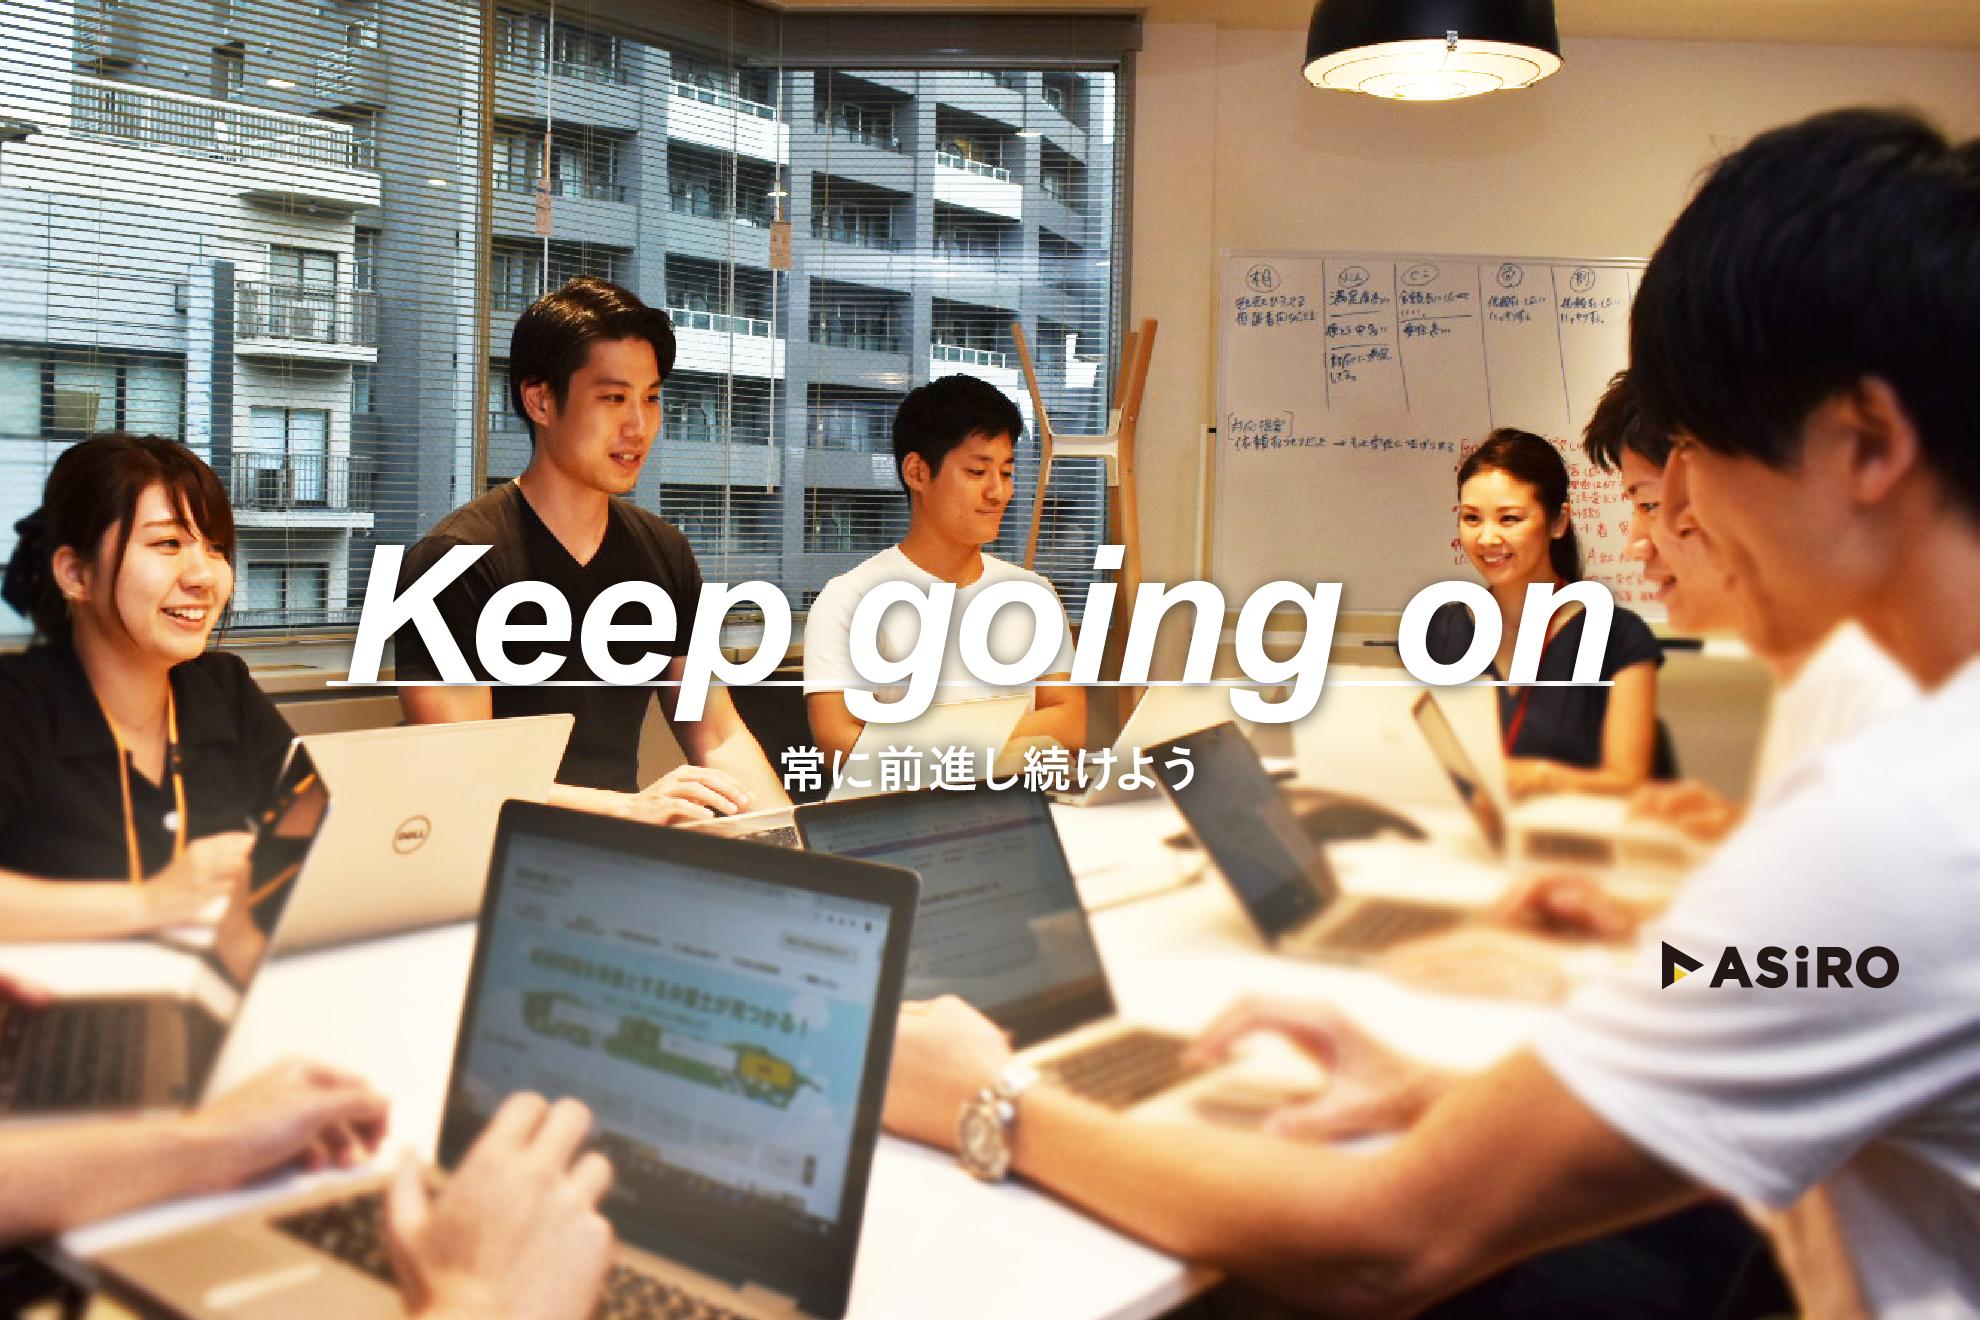 本気で結果を出したい学生求む。急成長WEBメディア企業での営業インターン